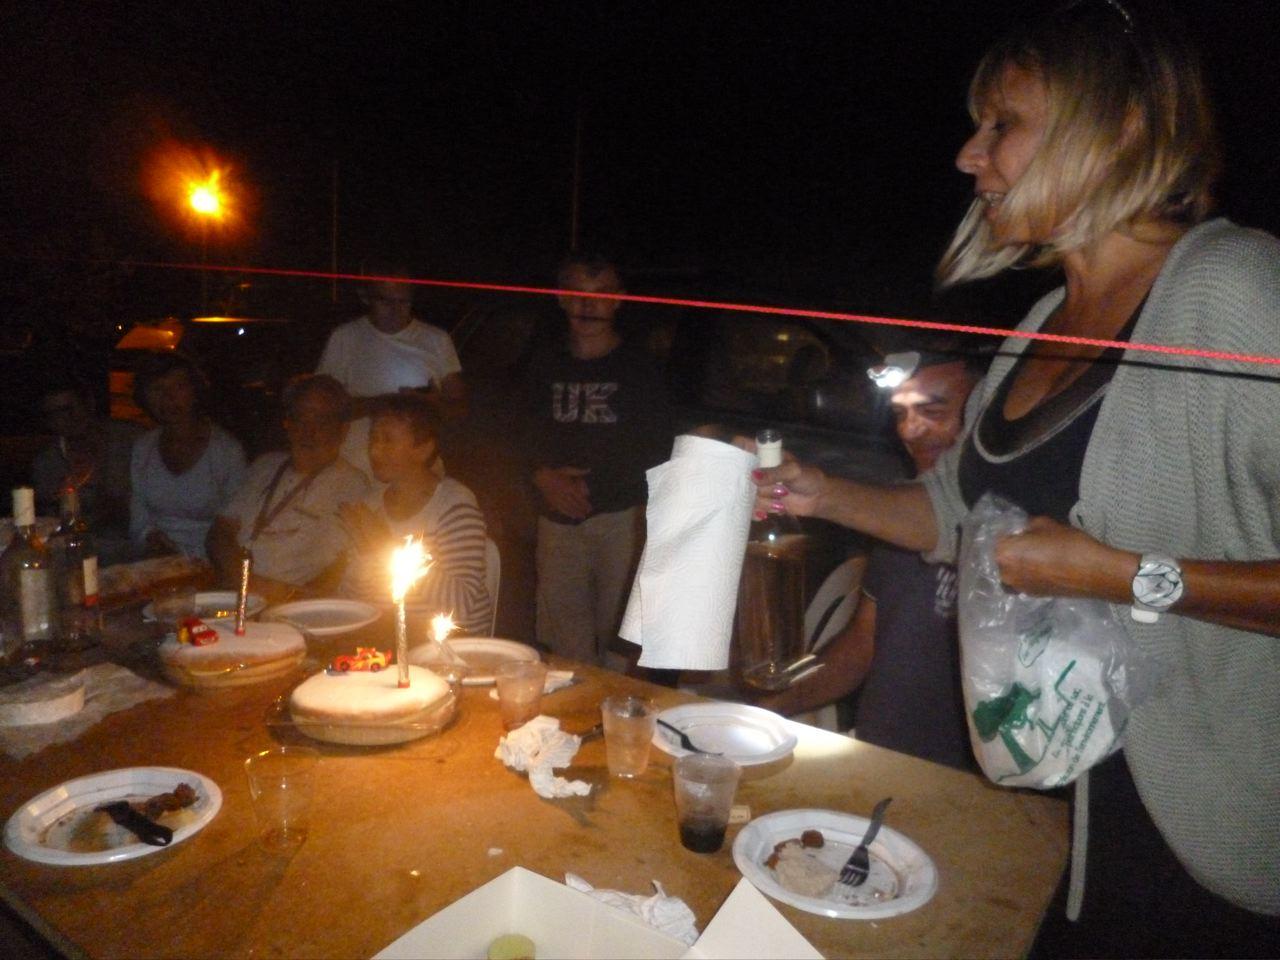 Grand Festu Vers l'infini et Aude là, Saison 2 : 20 et 21 septembre 2014 - Page 3 411338P1010970